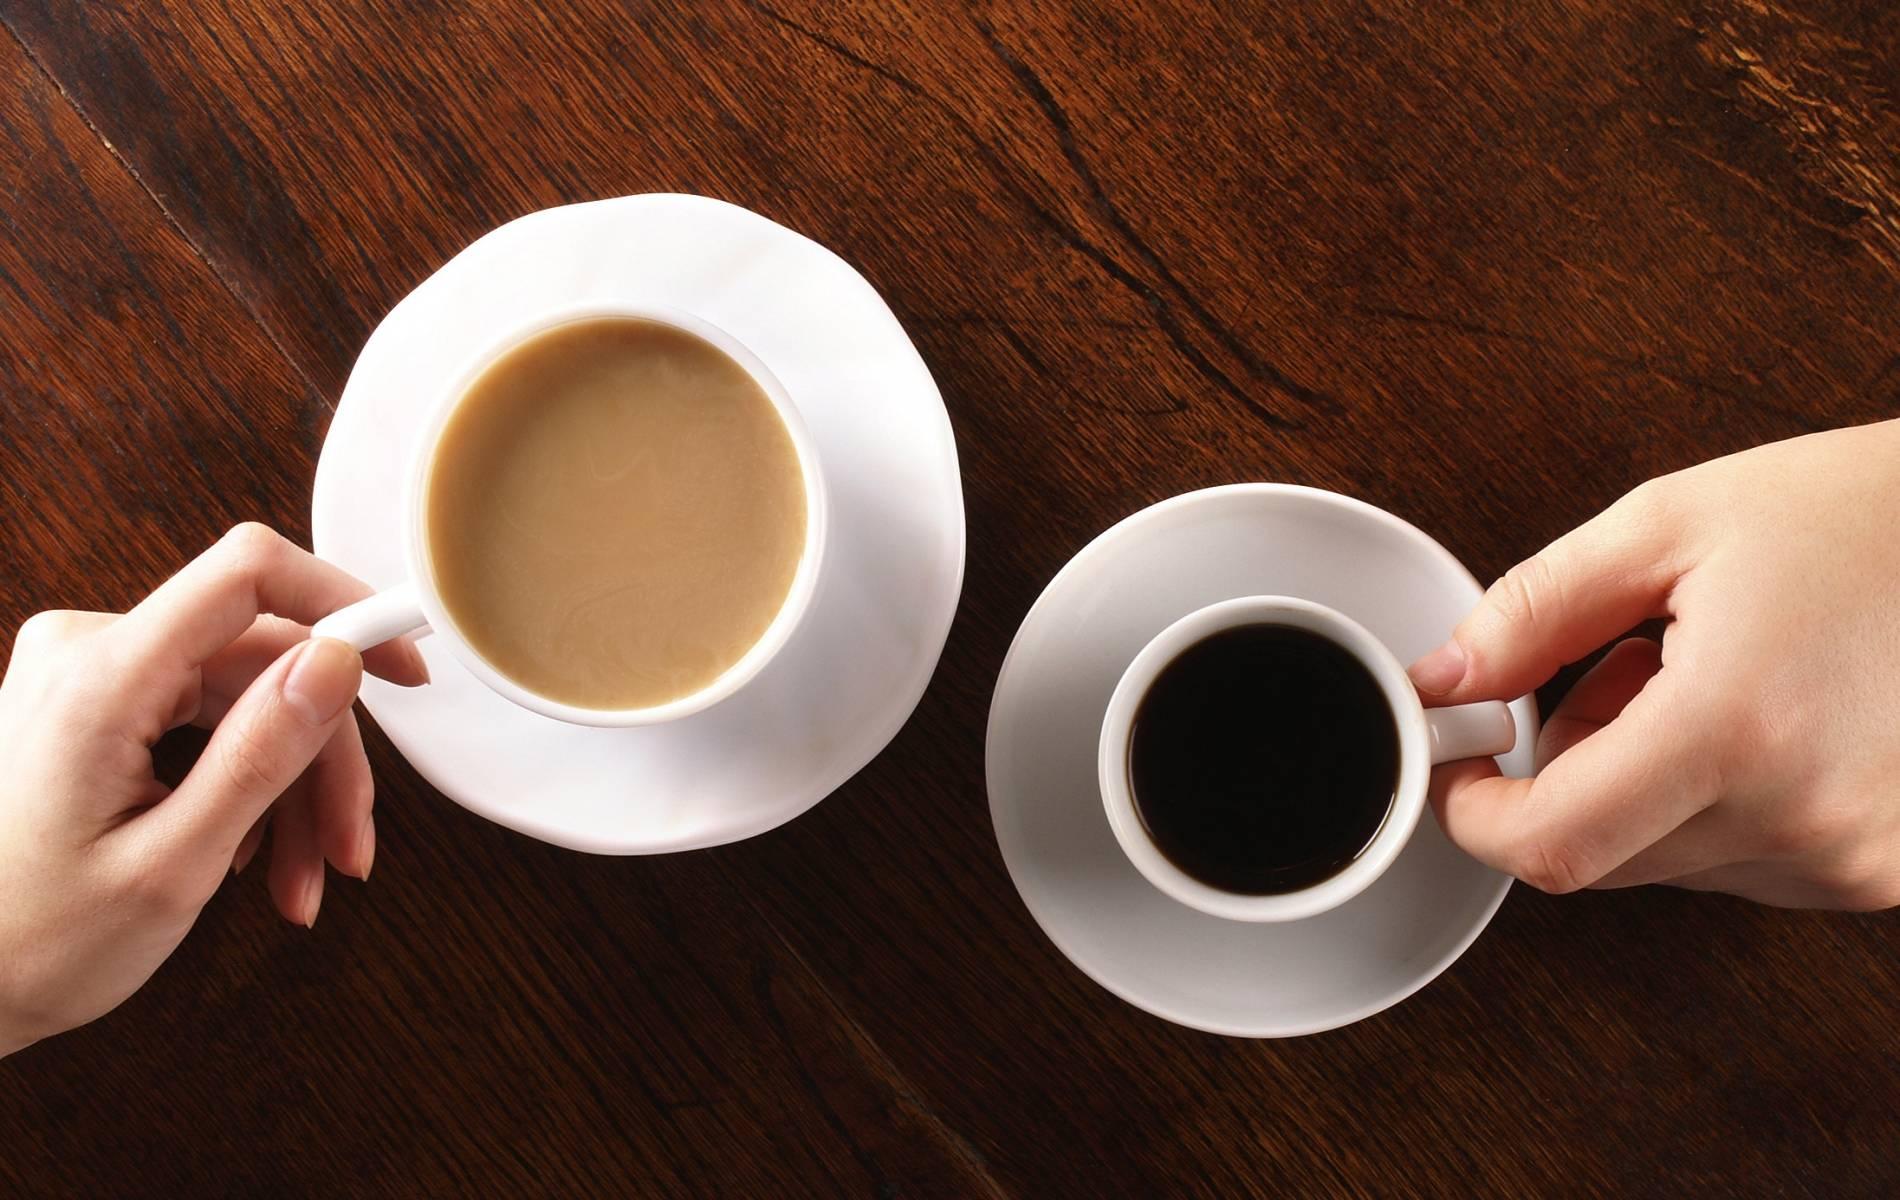 schwarzer tee und kaffee idee